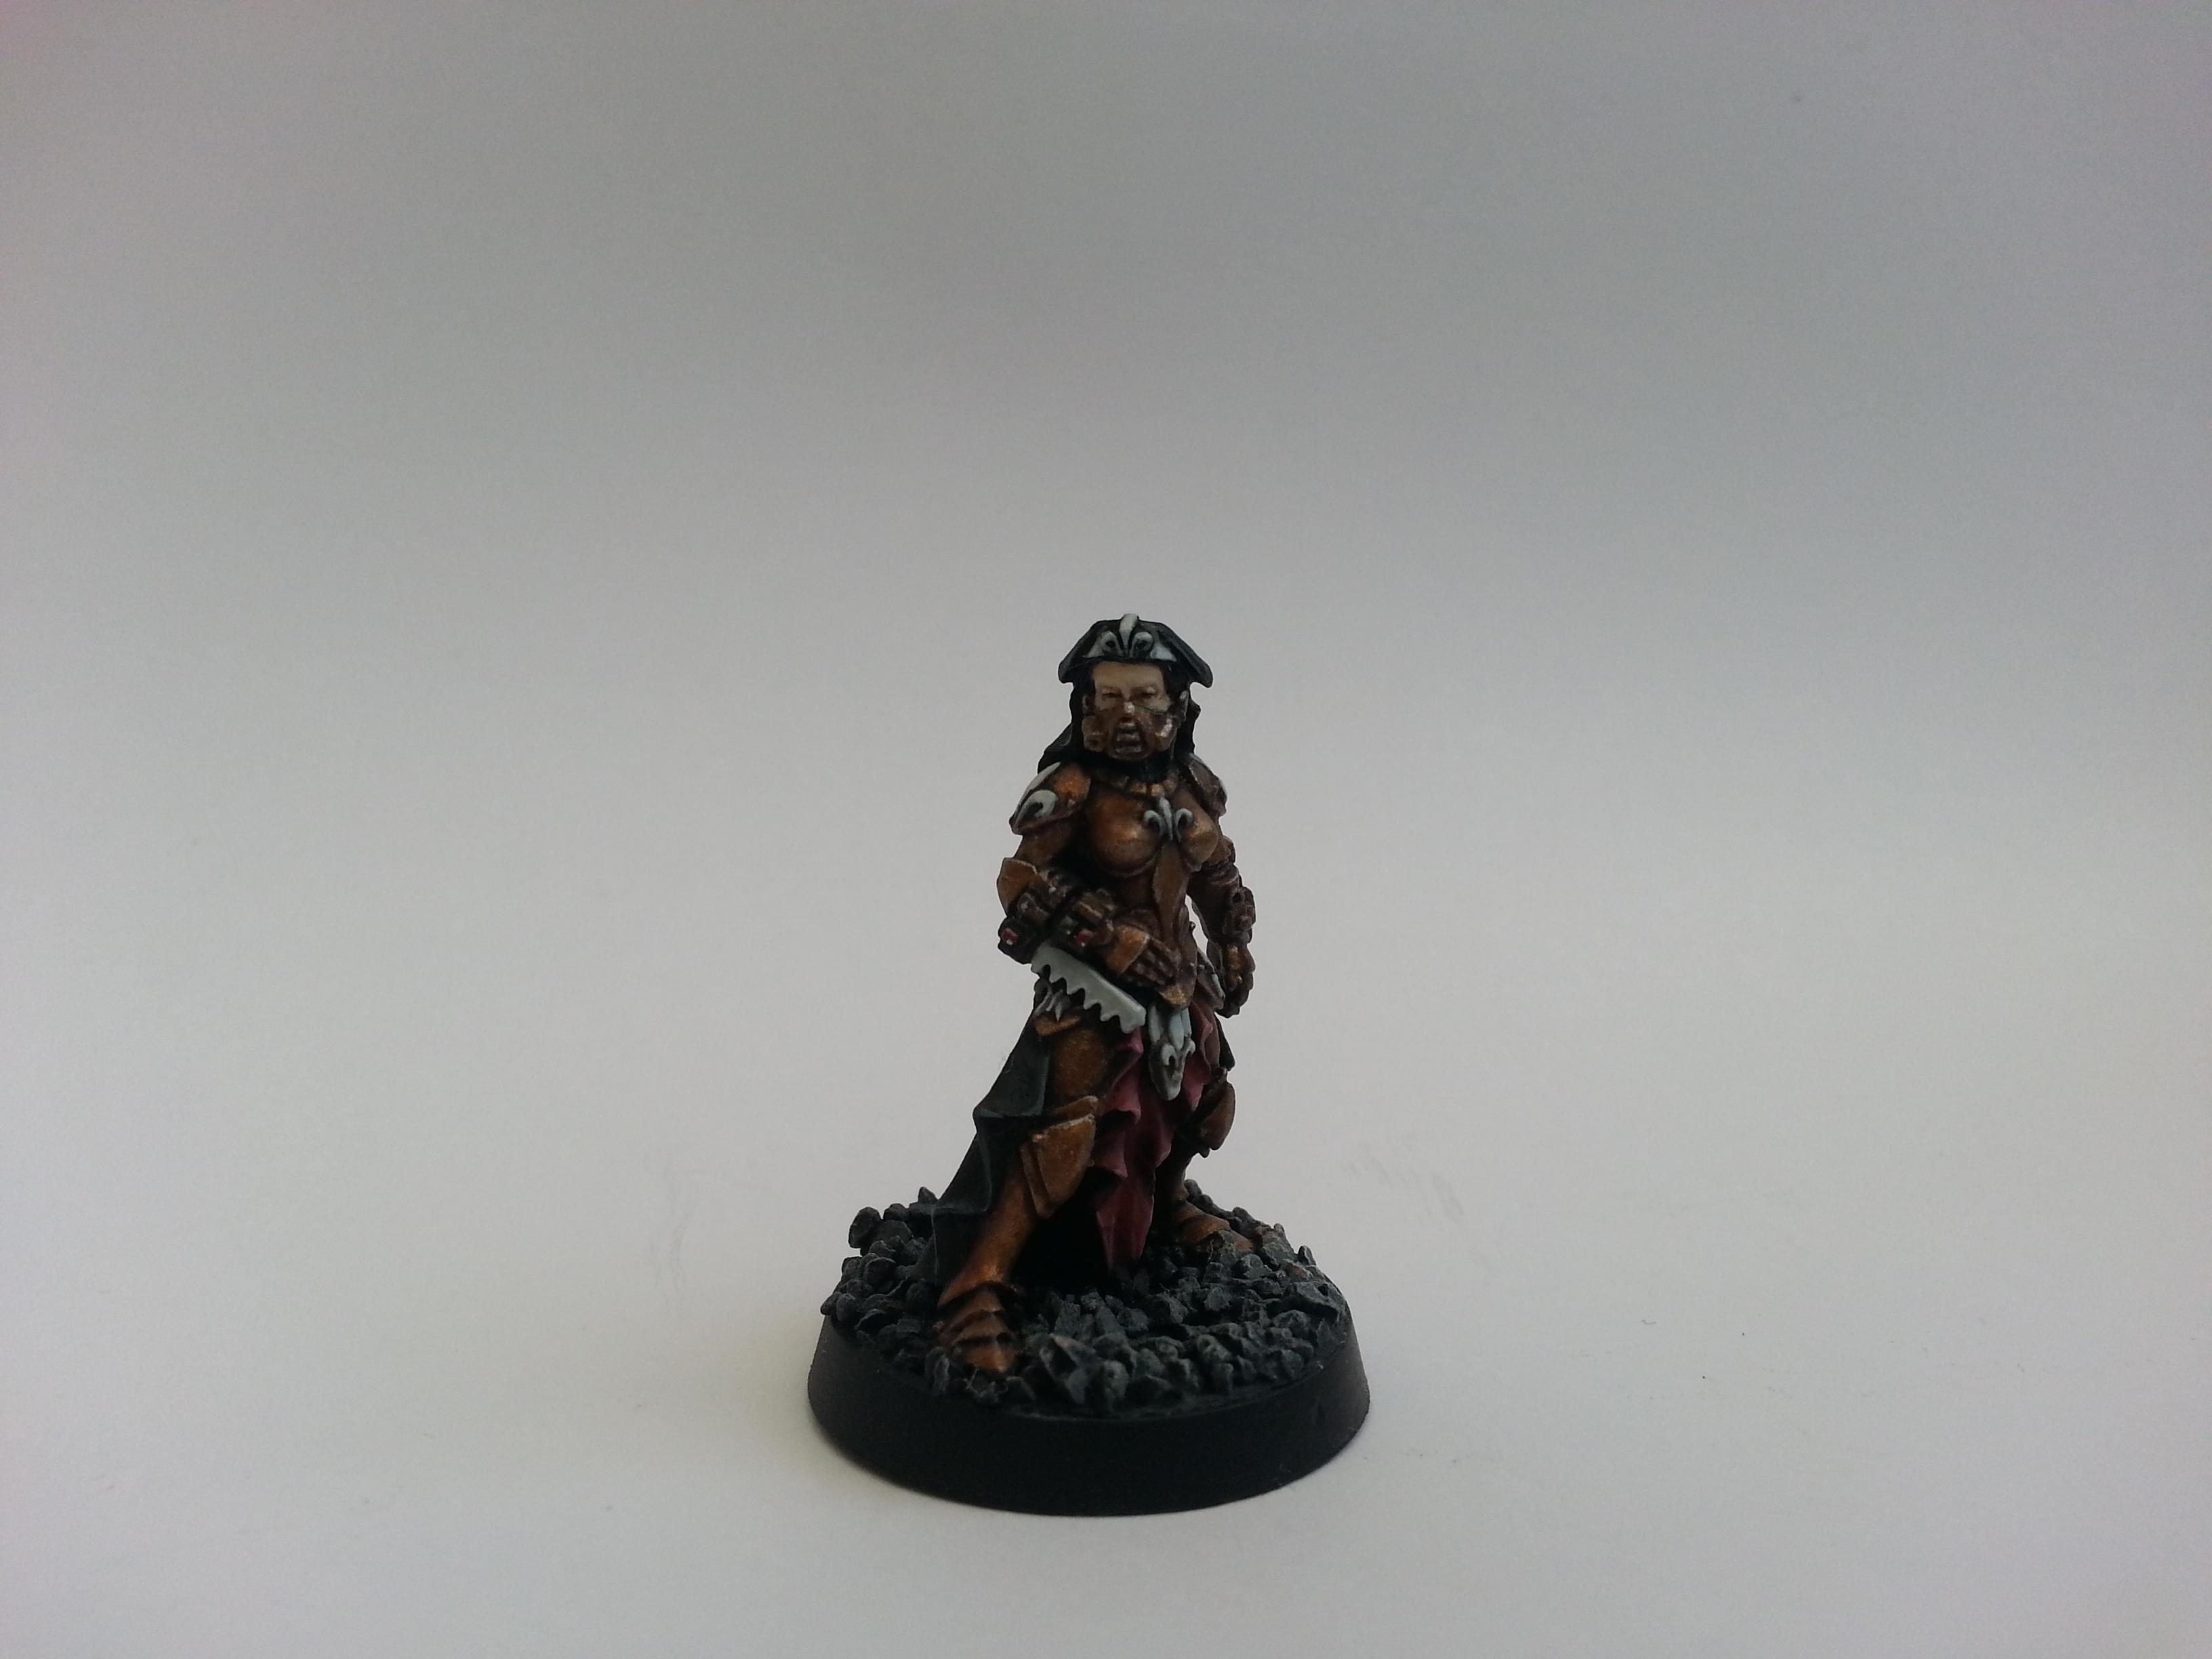 Hospitalier, Inquisitor